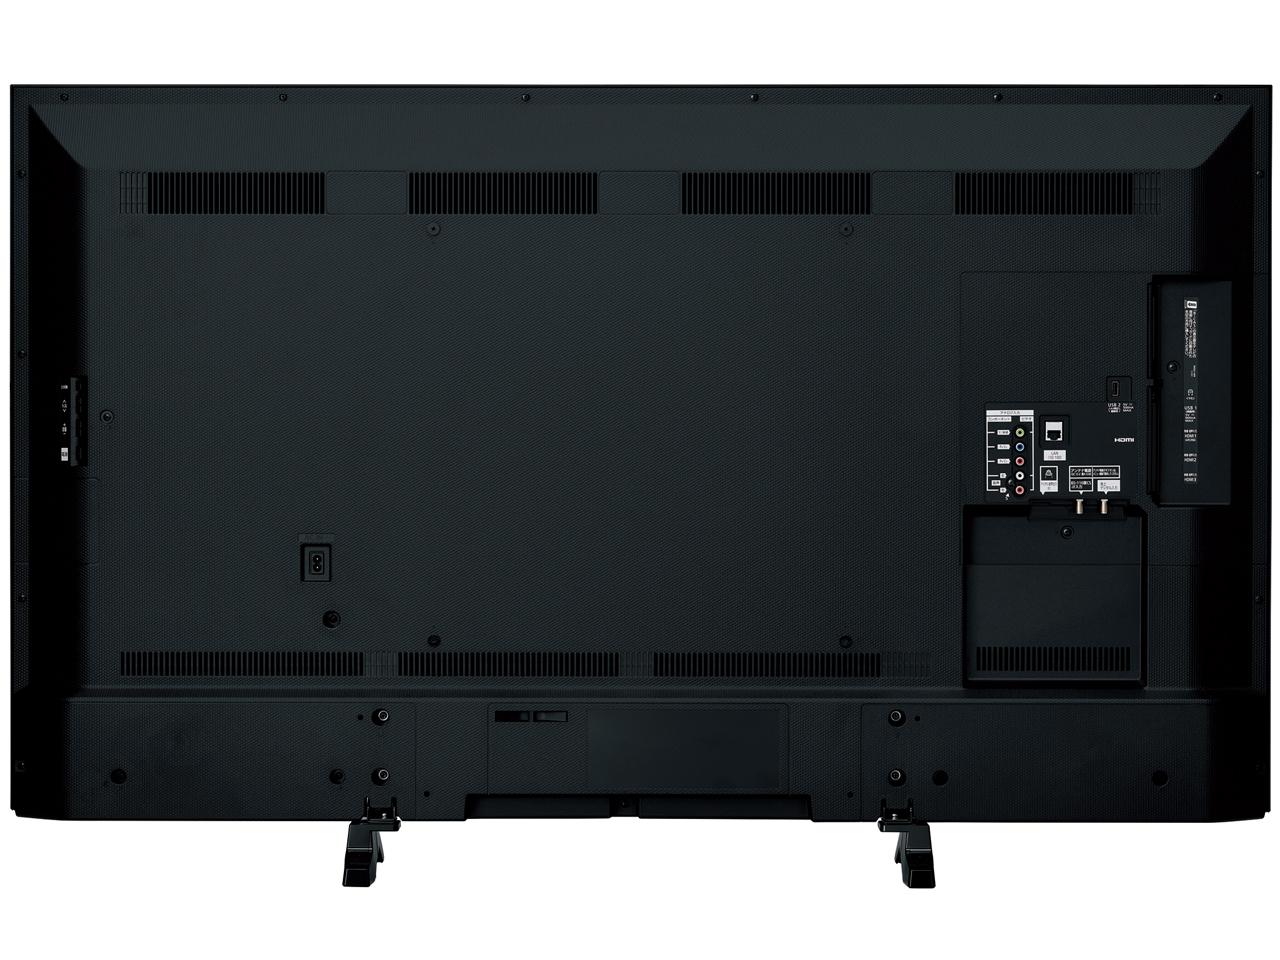 『本体 背面』 VIERA TH-55FX600 [55インチ] の製品画像